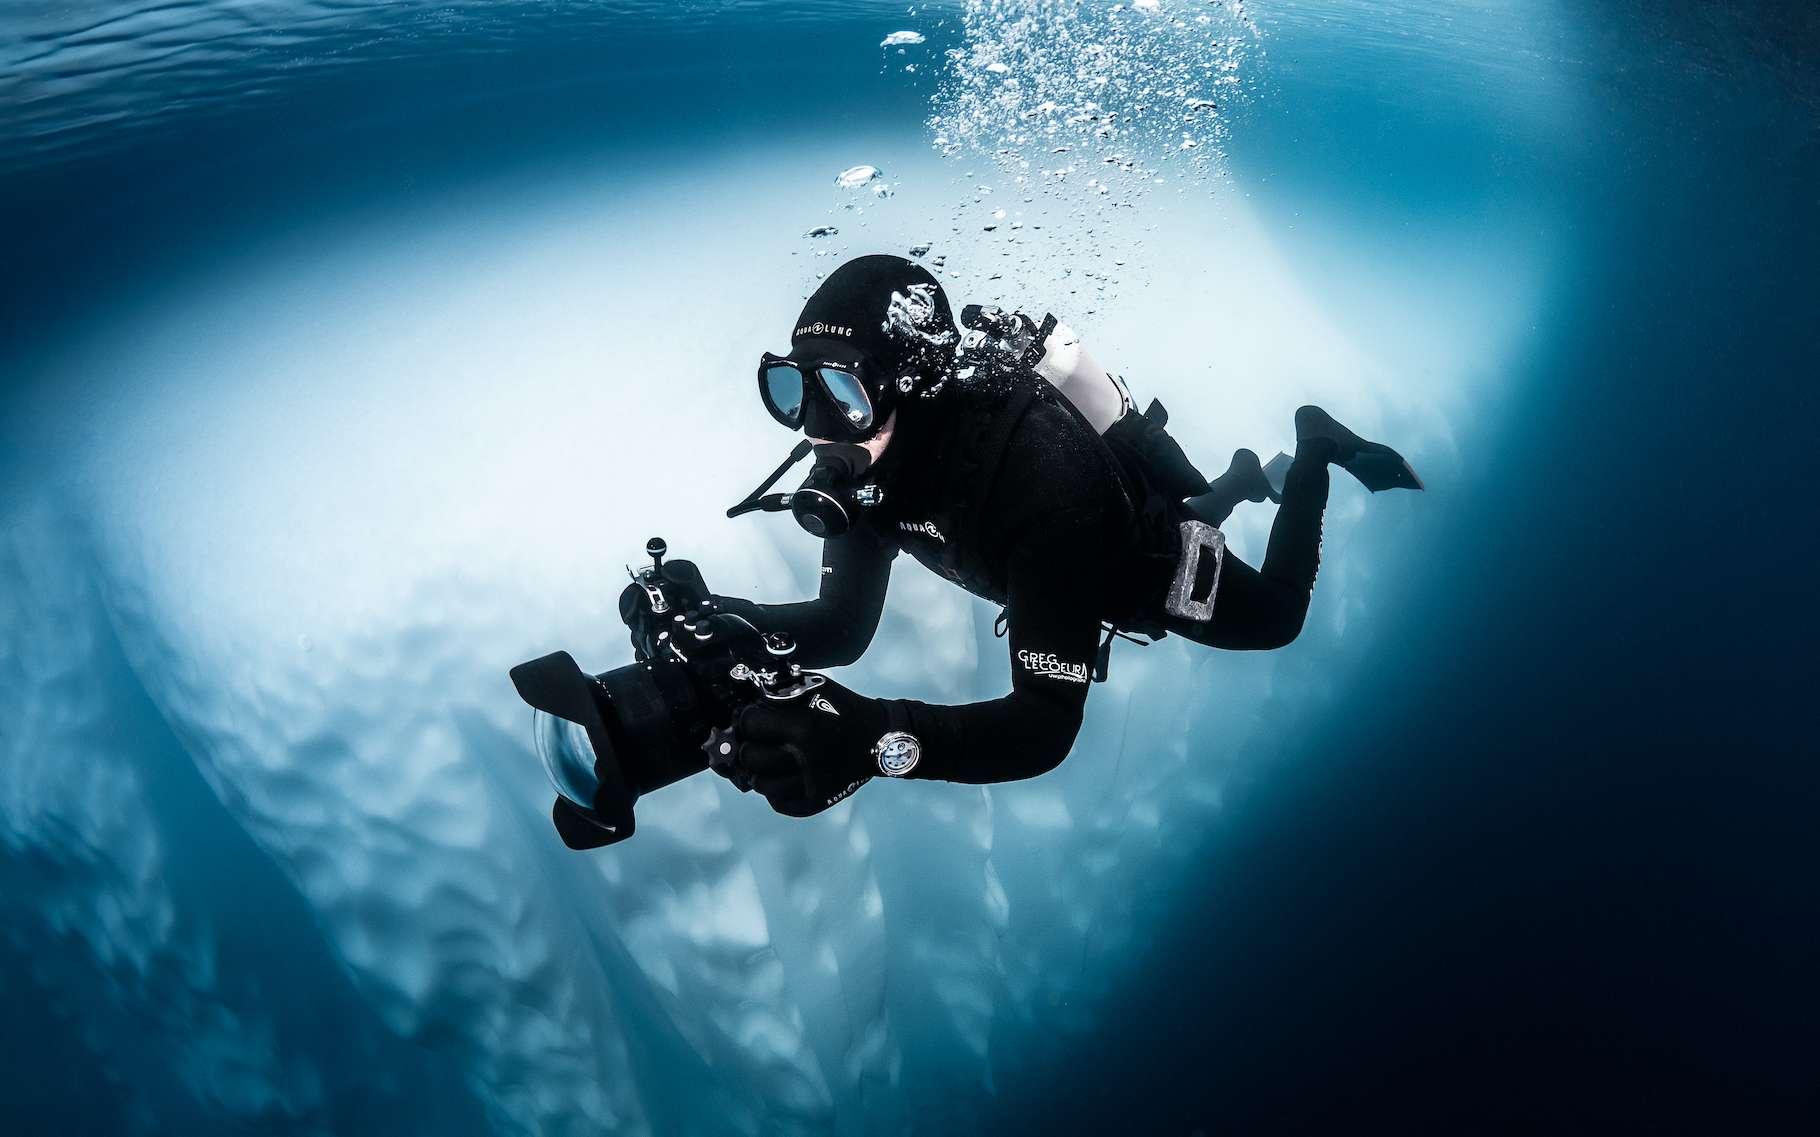 Dans son livre Antarctica, Greg Lecoœur nous présente des images rares et merveilleuses de cet écosystème hostile et fragile qu'est le Continent blanc. Mais son engagement pour la Planète va au-delà. © Greg Lecœur, Tous droits réservés